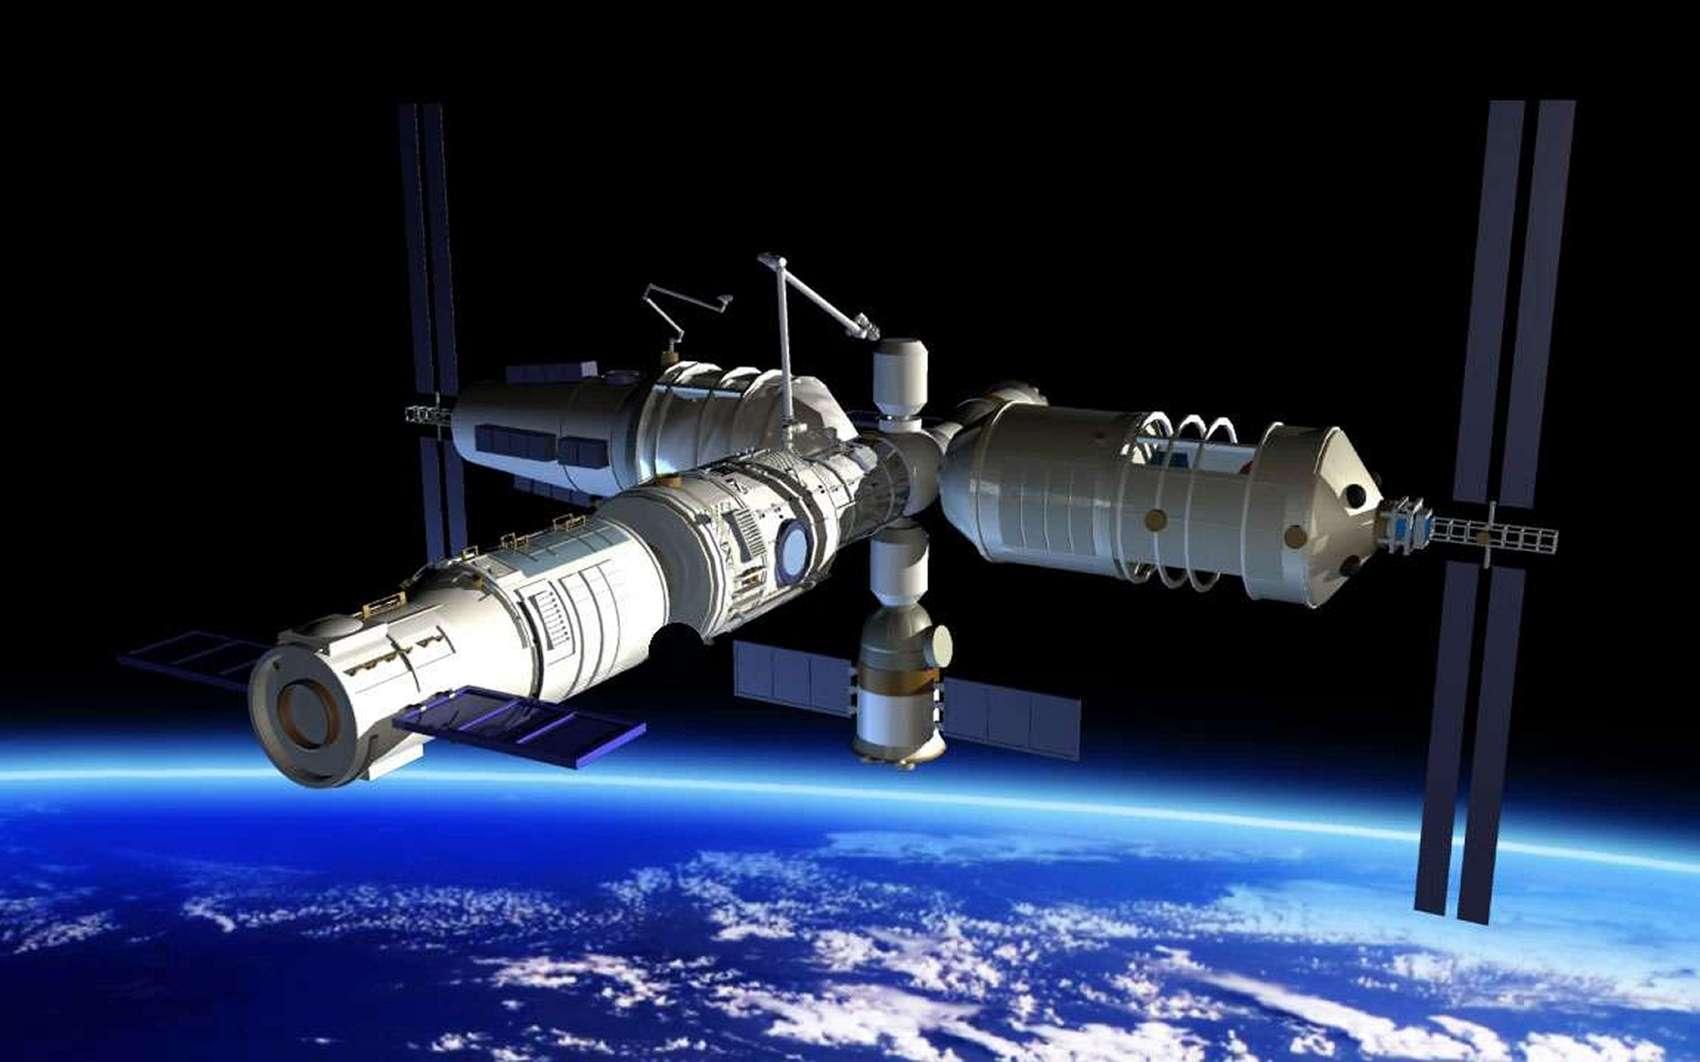 La Chine plancherait sur un projet de station spatiale plus grand que celui envisagé initialement. Les premiers éléments de ce futur complexe orbital pourraient être lancés vers 2020. © CNSA